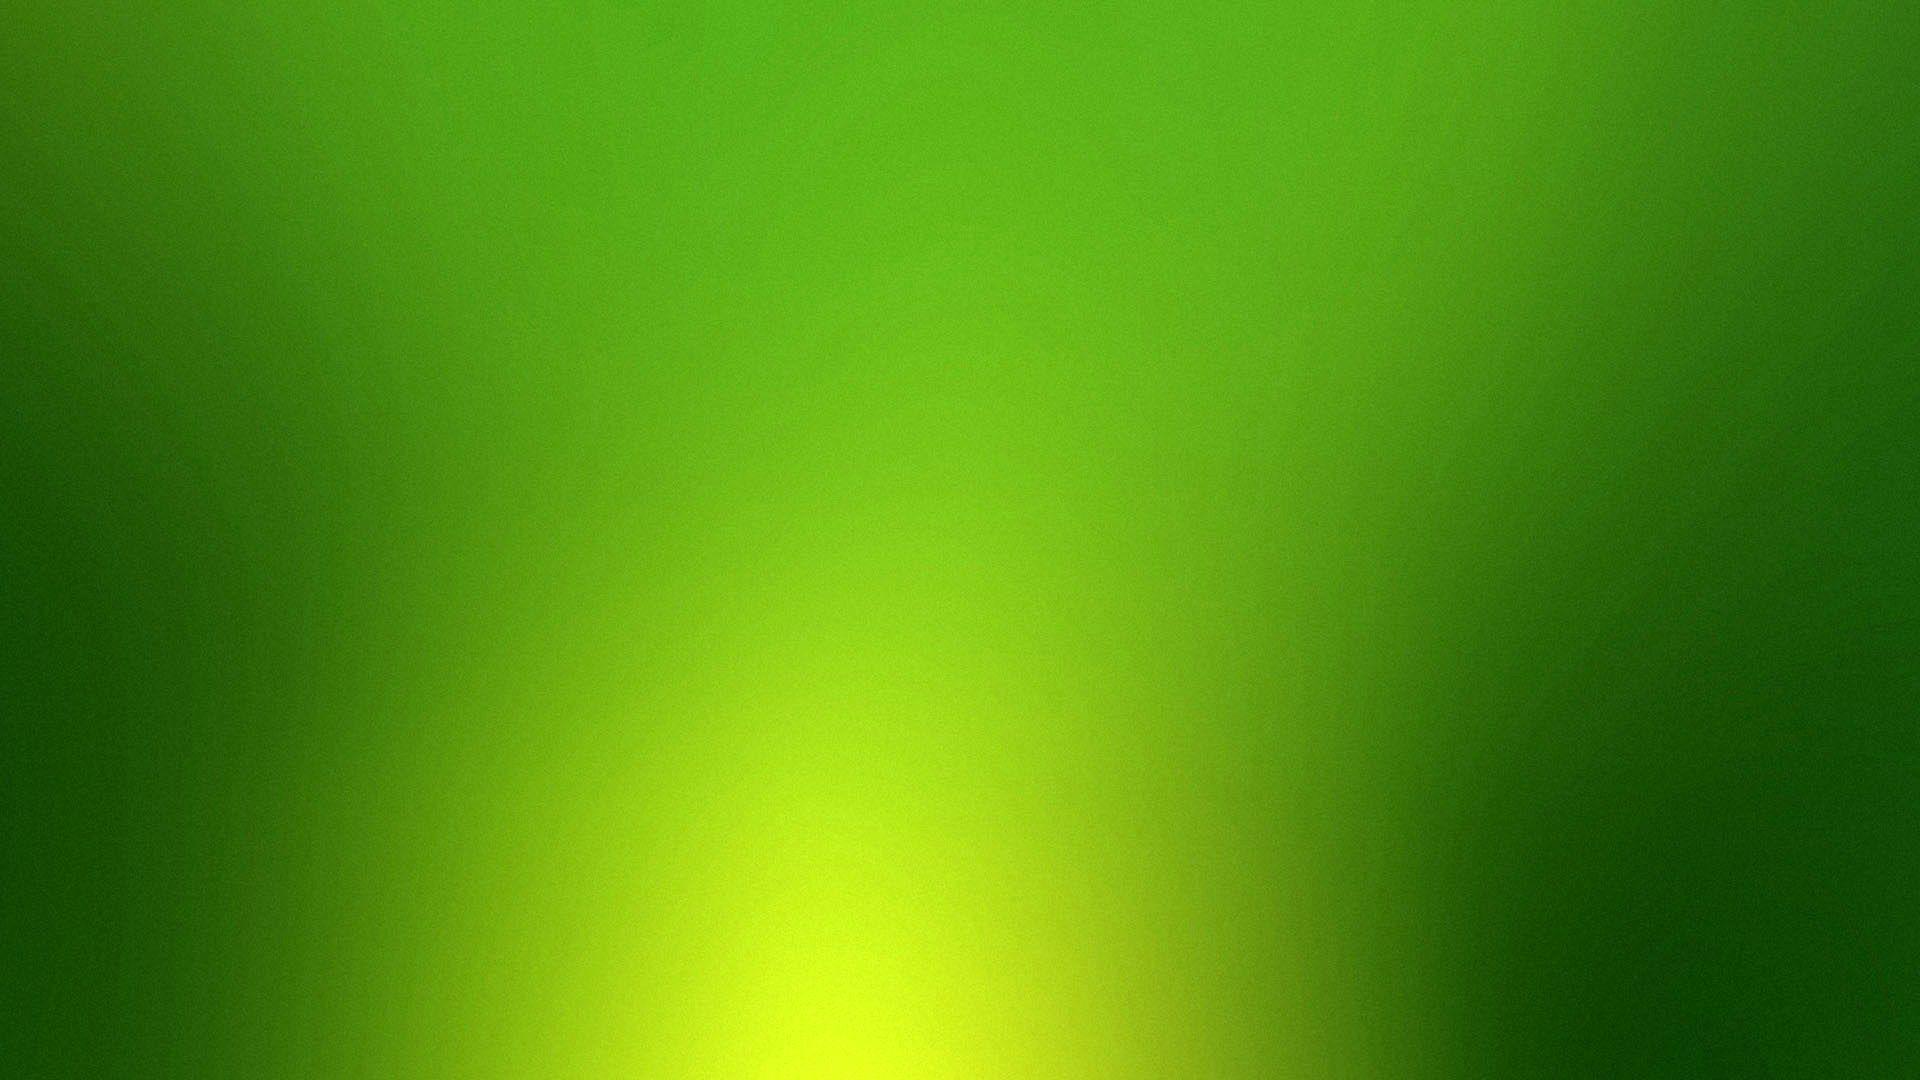 Light Green Backgrounds 1920x1080